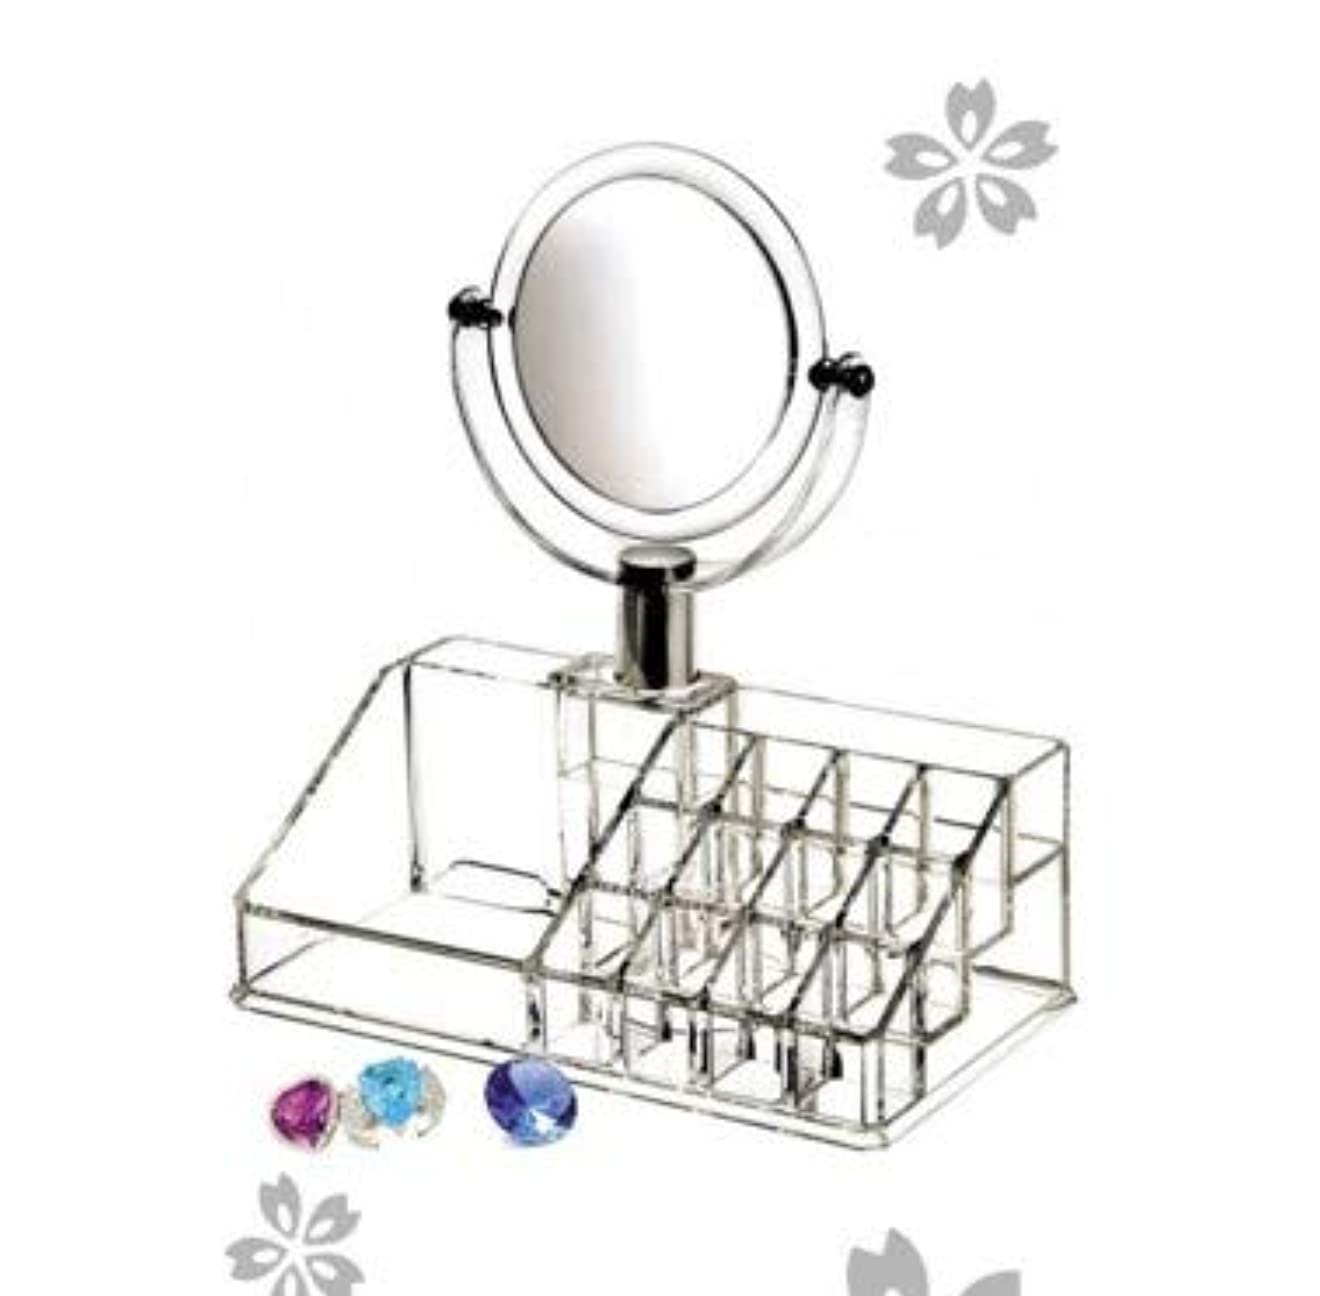 単層デスクトップ収納ボックス化粧品ケース透明化粧品収納ボックススキンケア収納ラック